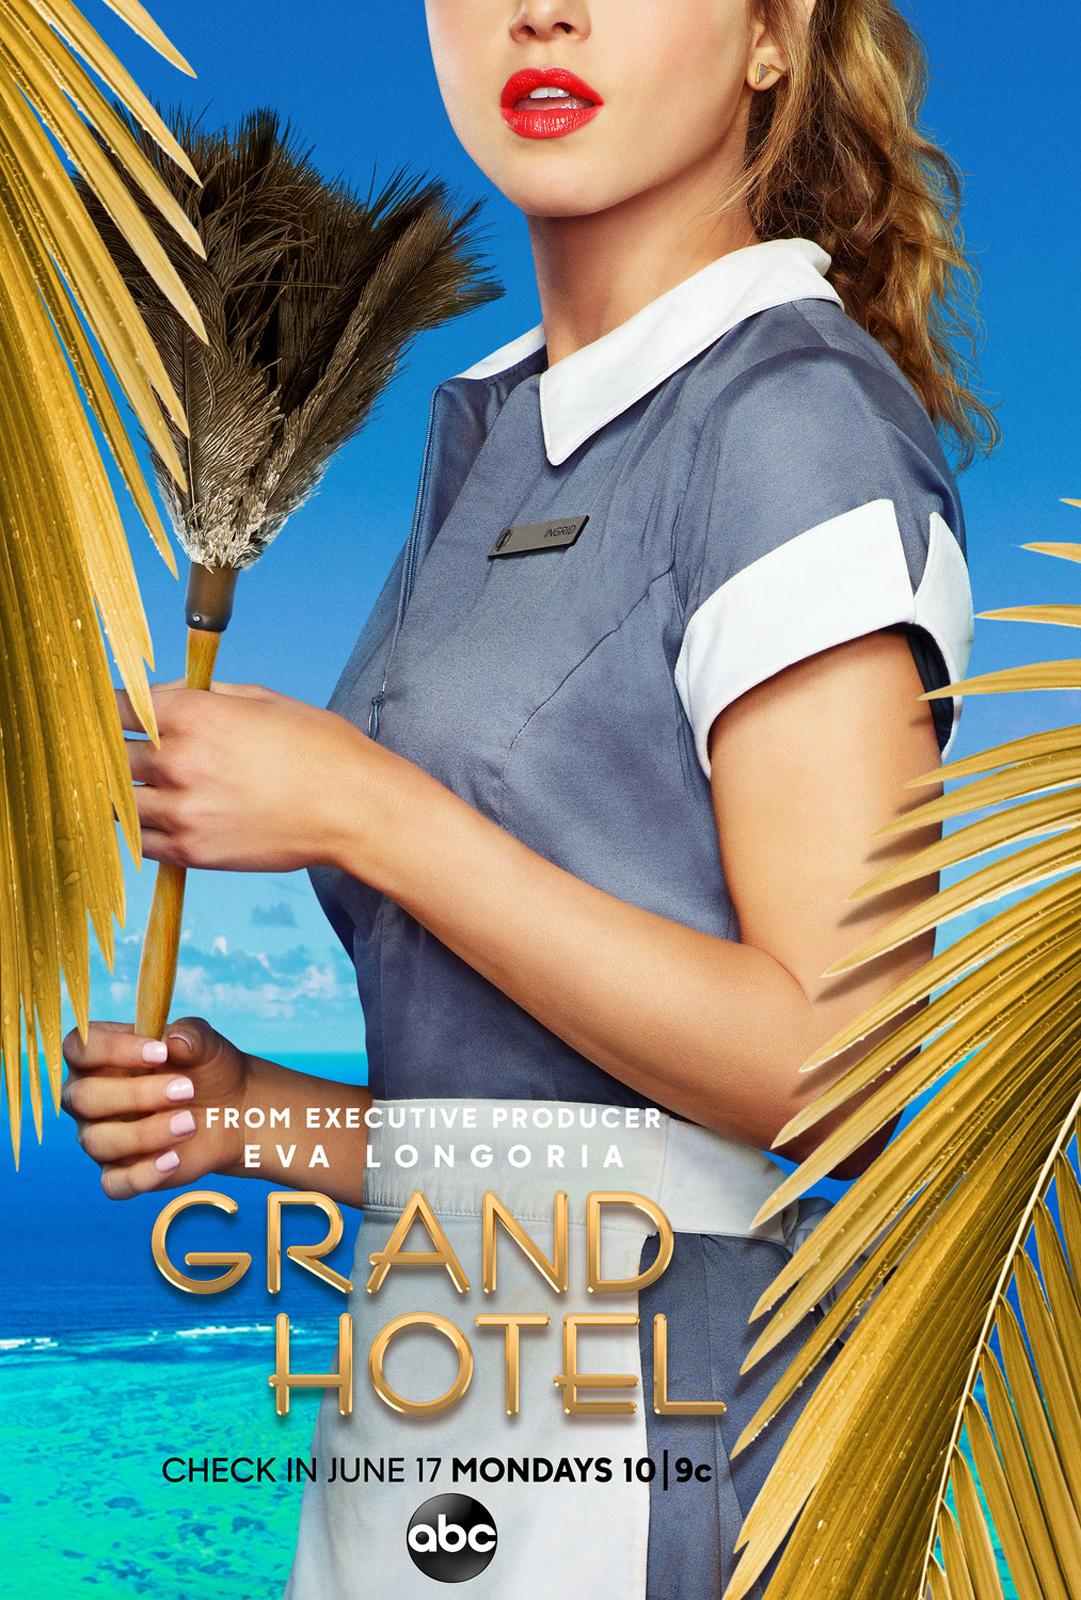 Grand Hotel (Fernsehserie) Besetzung